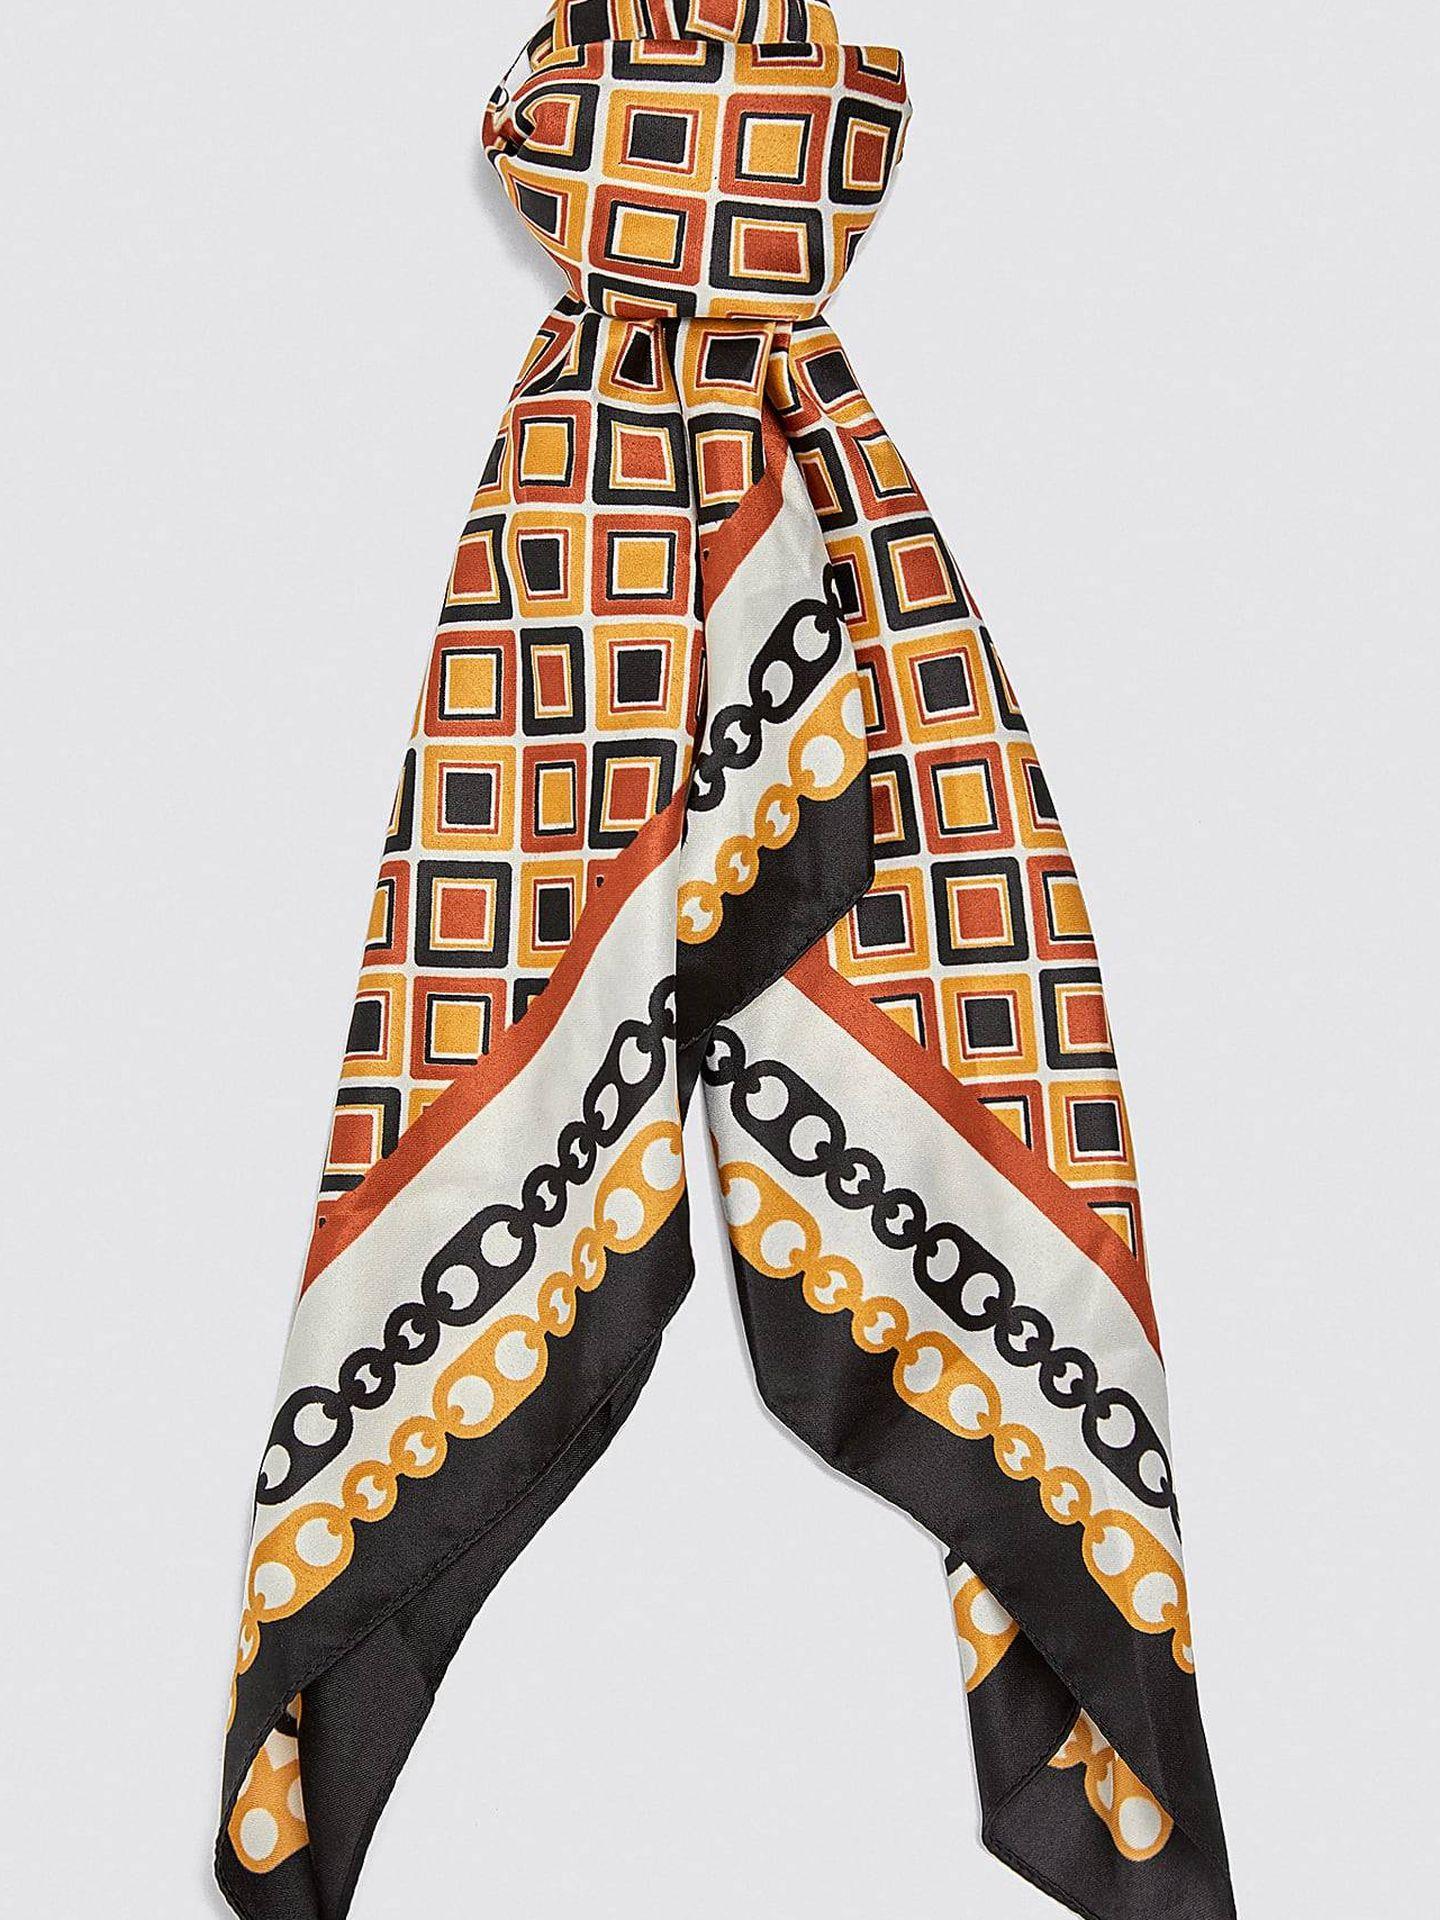 Pañuelo de Zara. (Cortesía)